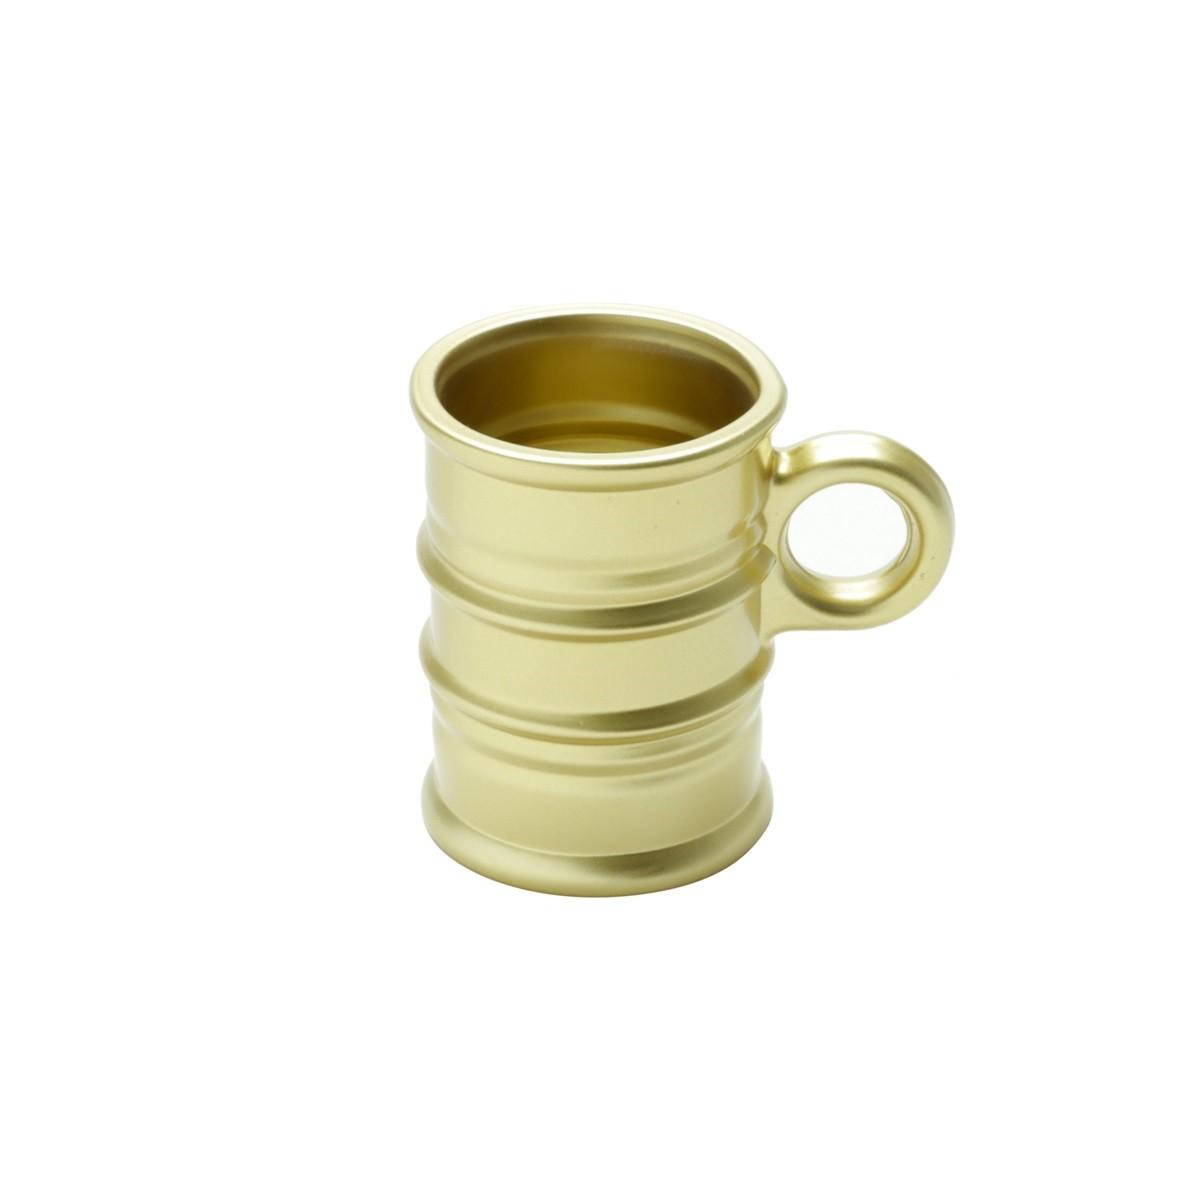 Caneca de Vidro Vintage 6 Pecas 95ml Dourada 7165 - Coliseu